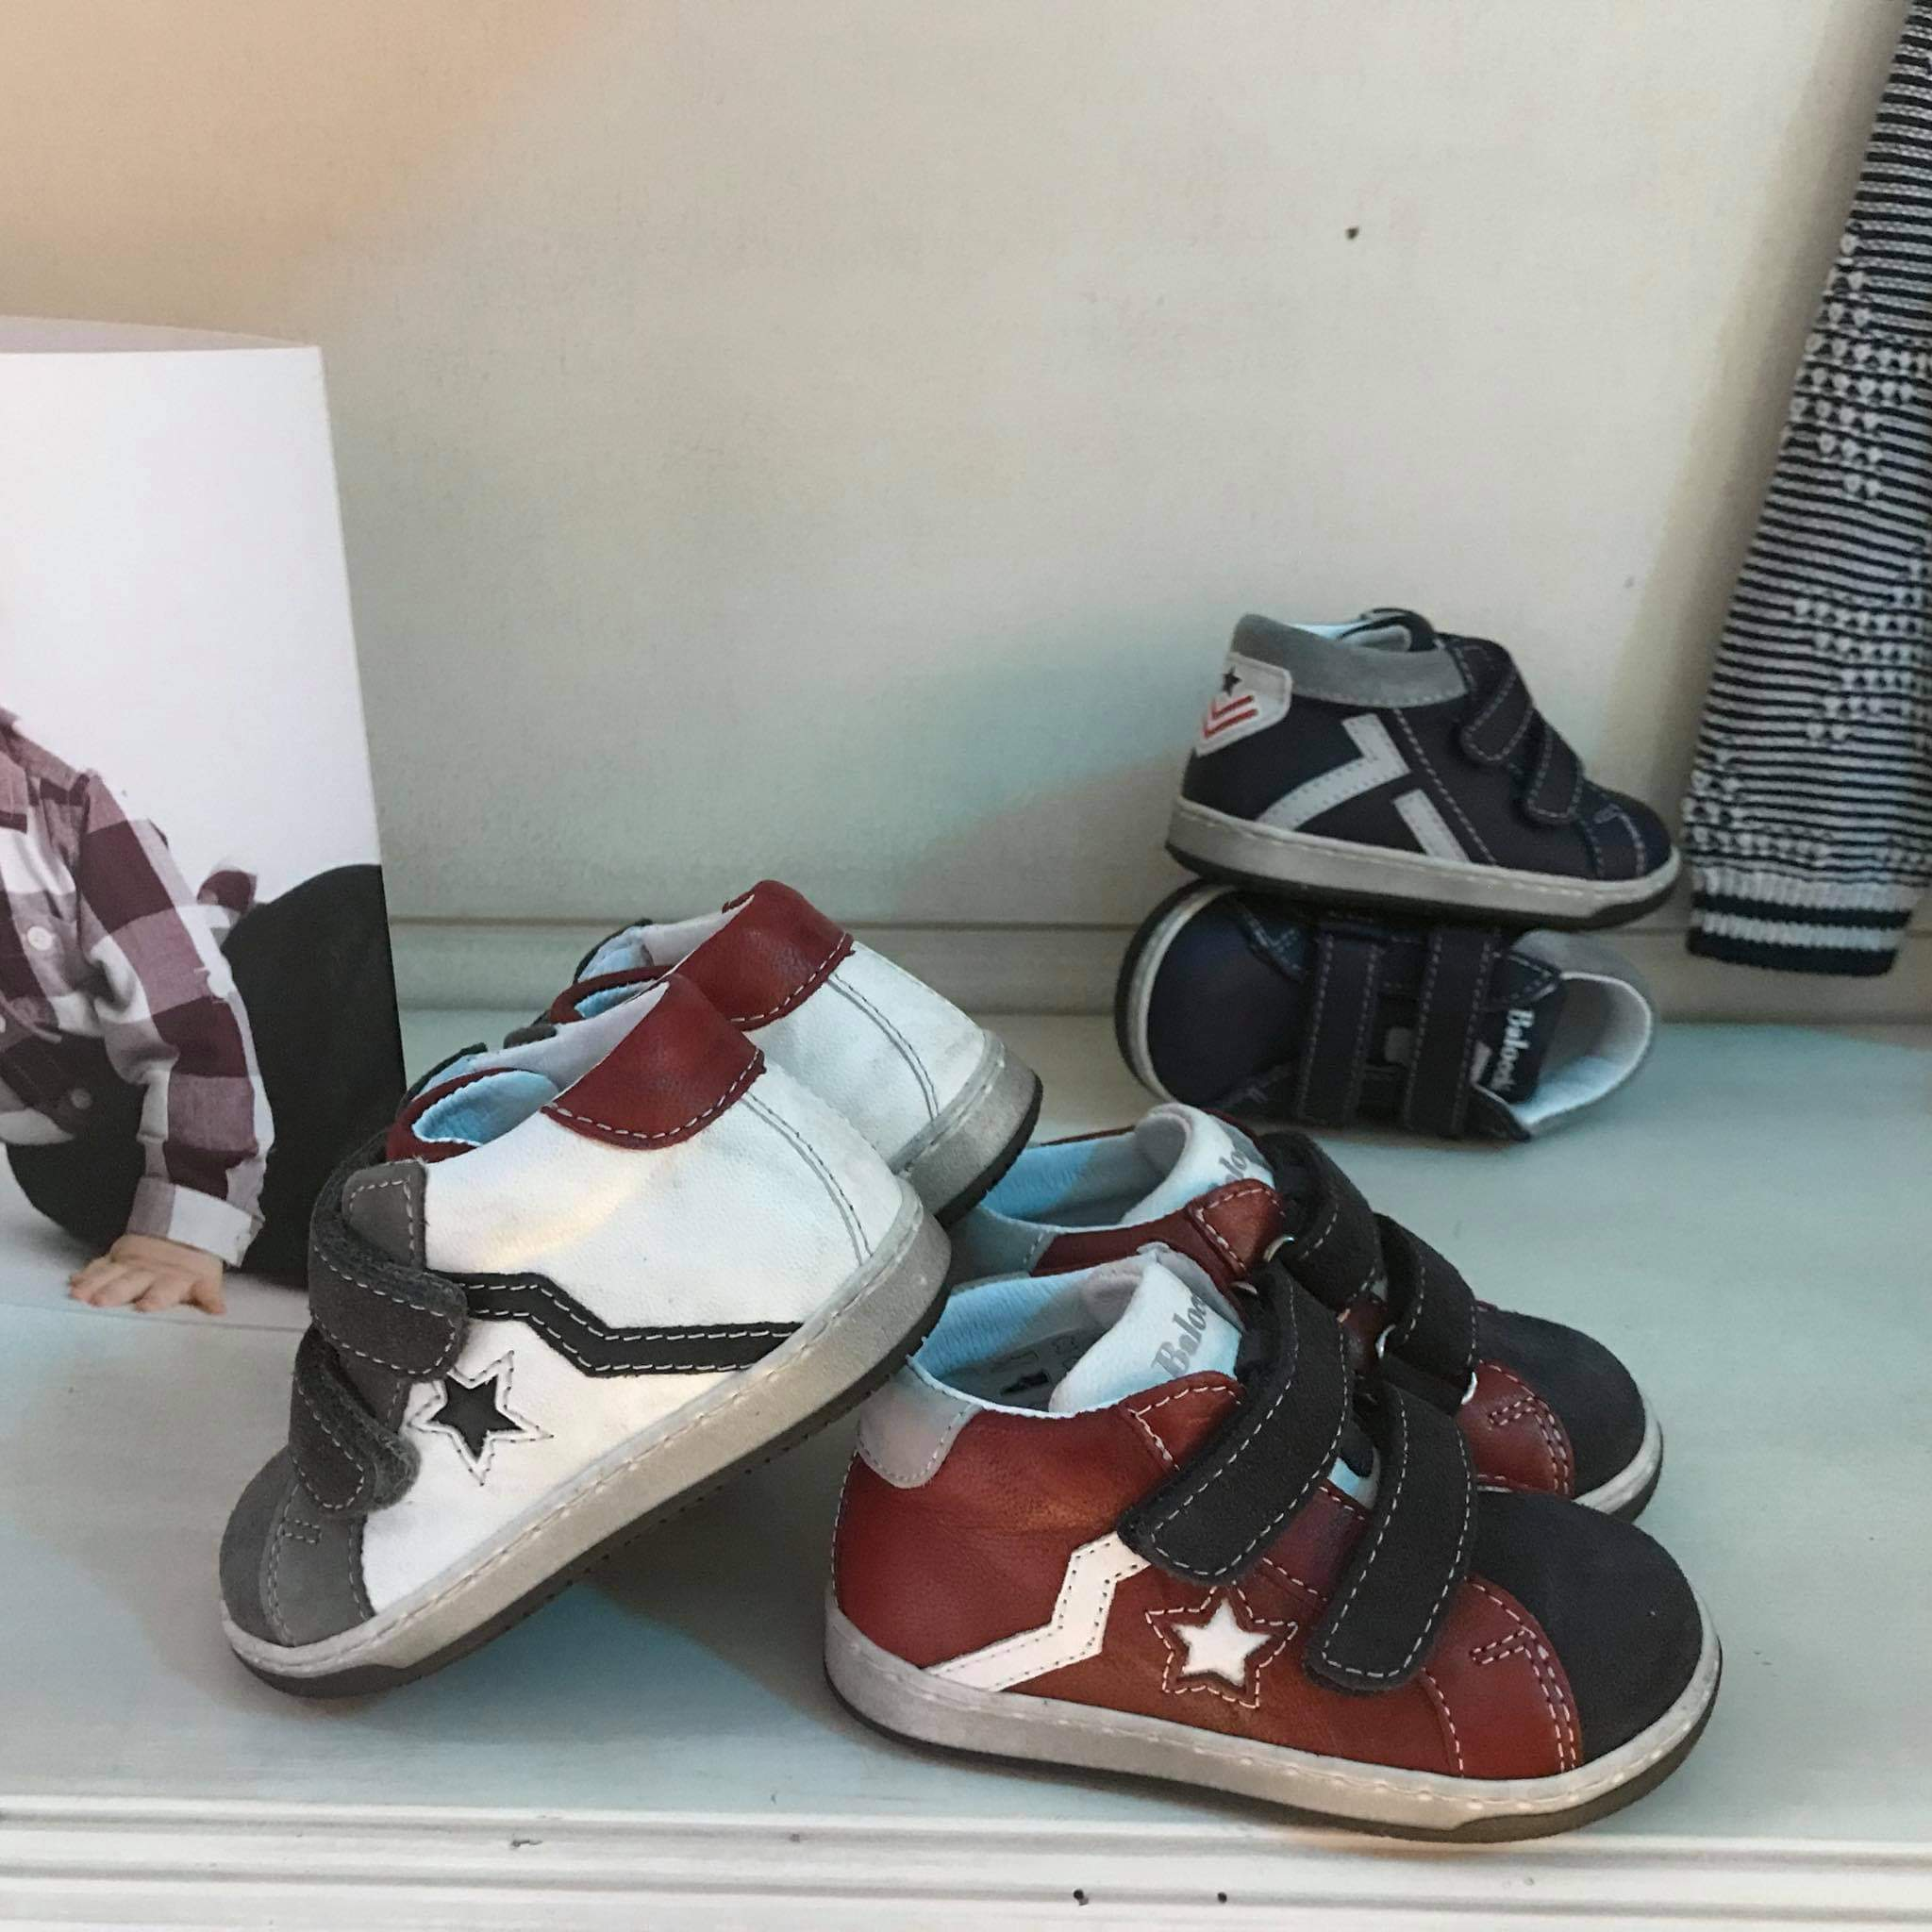 newest collection b750b afb5d Allaccia e Slaccia | Abbigliamento e Calzature per Bambini a ...